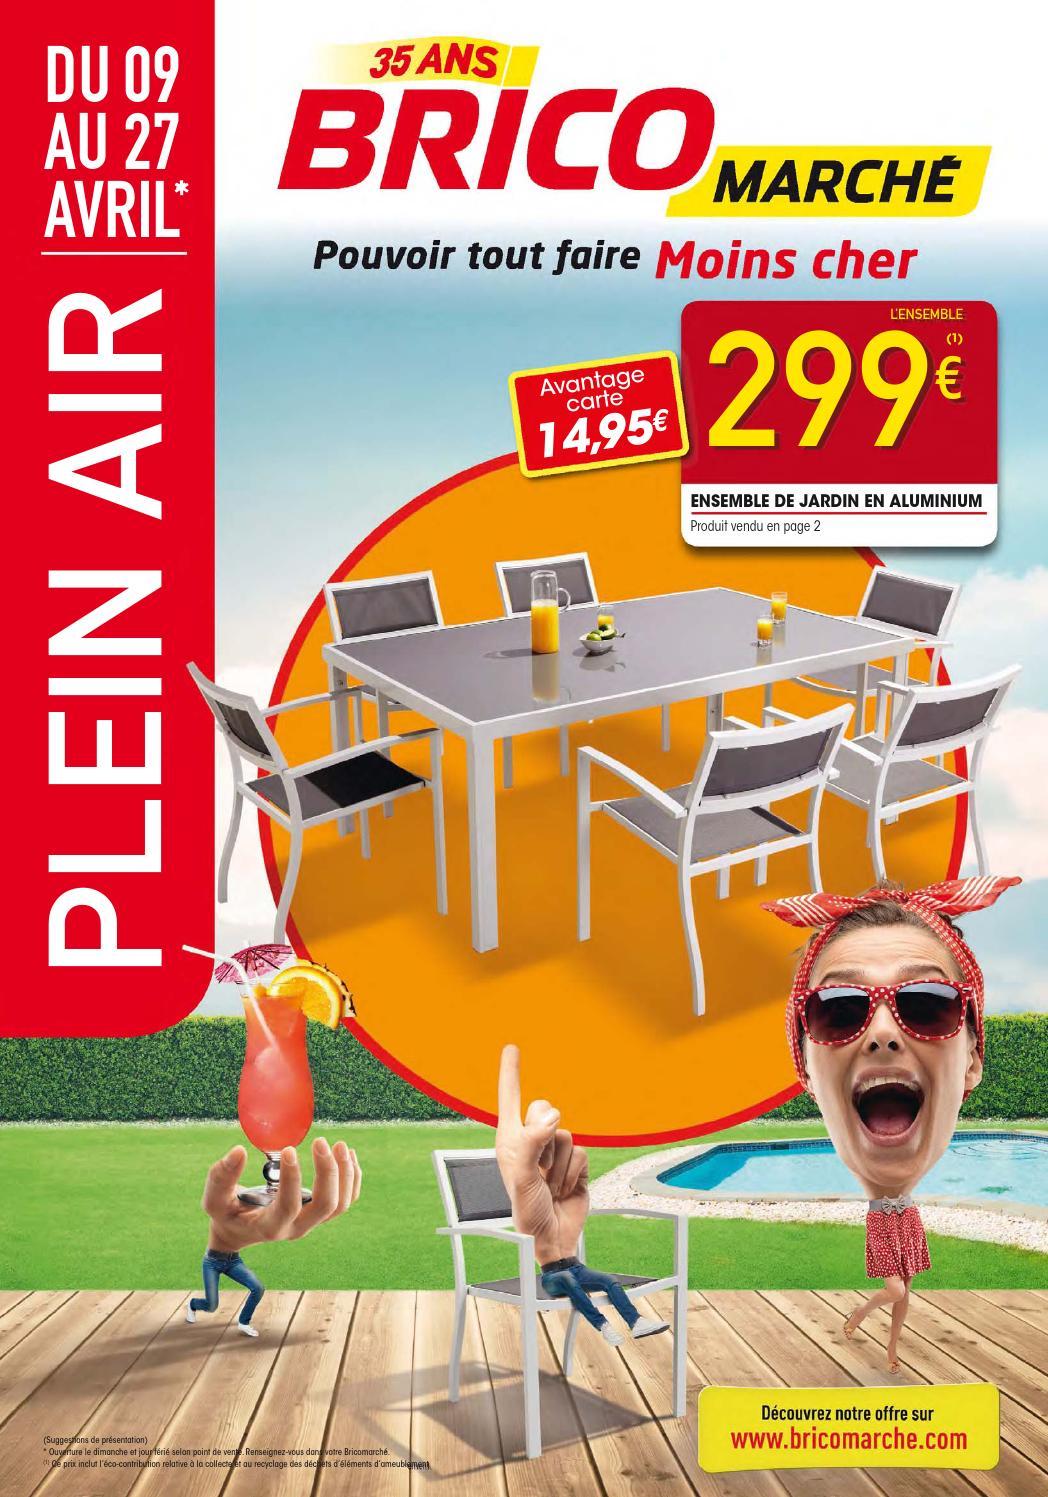 Catalogue Bricomarché - 9-27.04.2014 by joe monroe - issuu